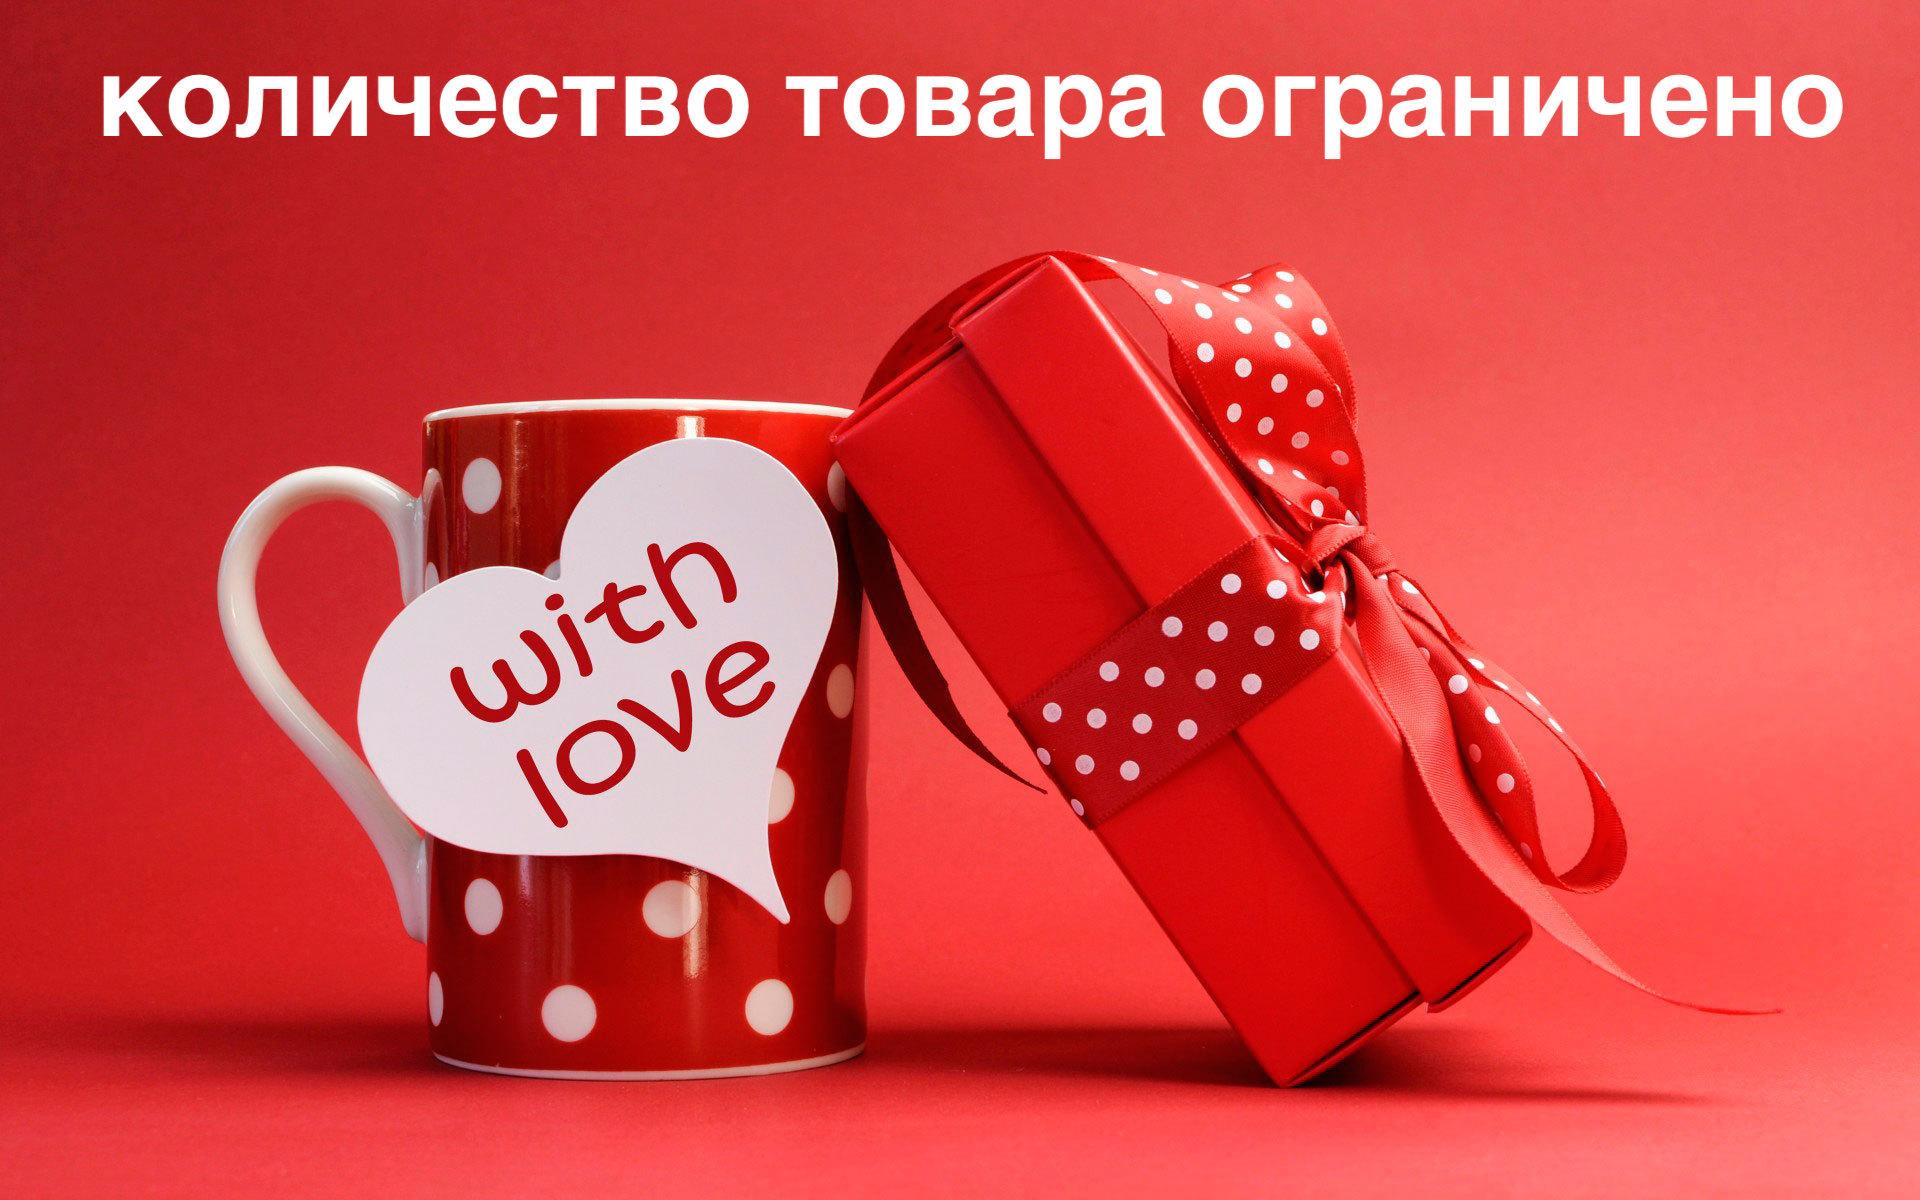 14 февраля - День Св.Валентина это ещё 1 повод признаться в любви, сделать что-то приятное близким! УЖЕ В НАЛИЧИИ вкусные сладости!